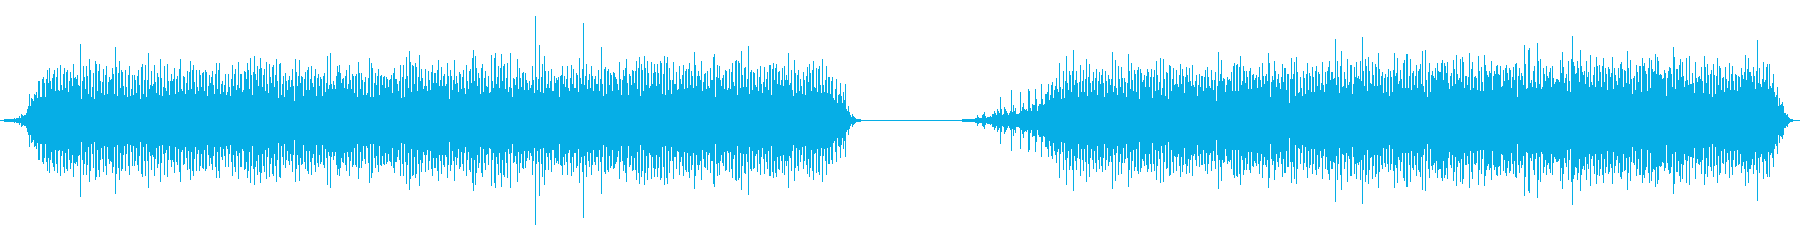 ミシン、ミシン、高速、2バージョン...の再生済みの波形